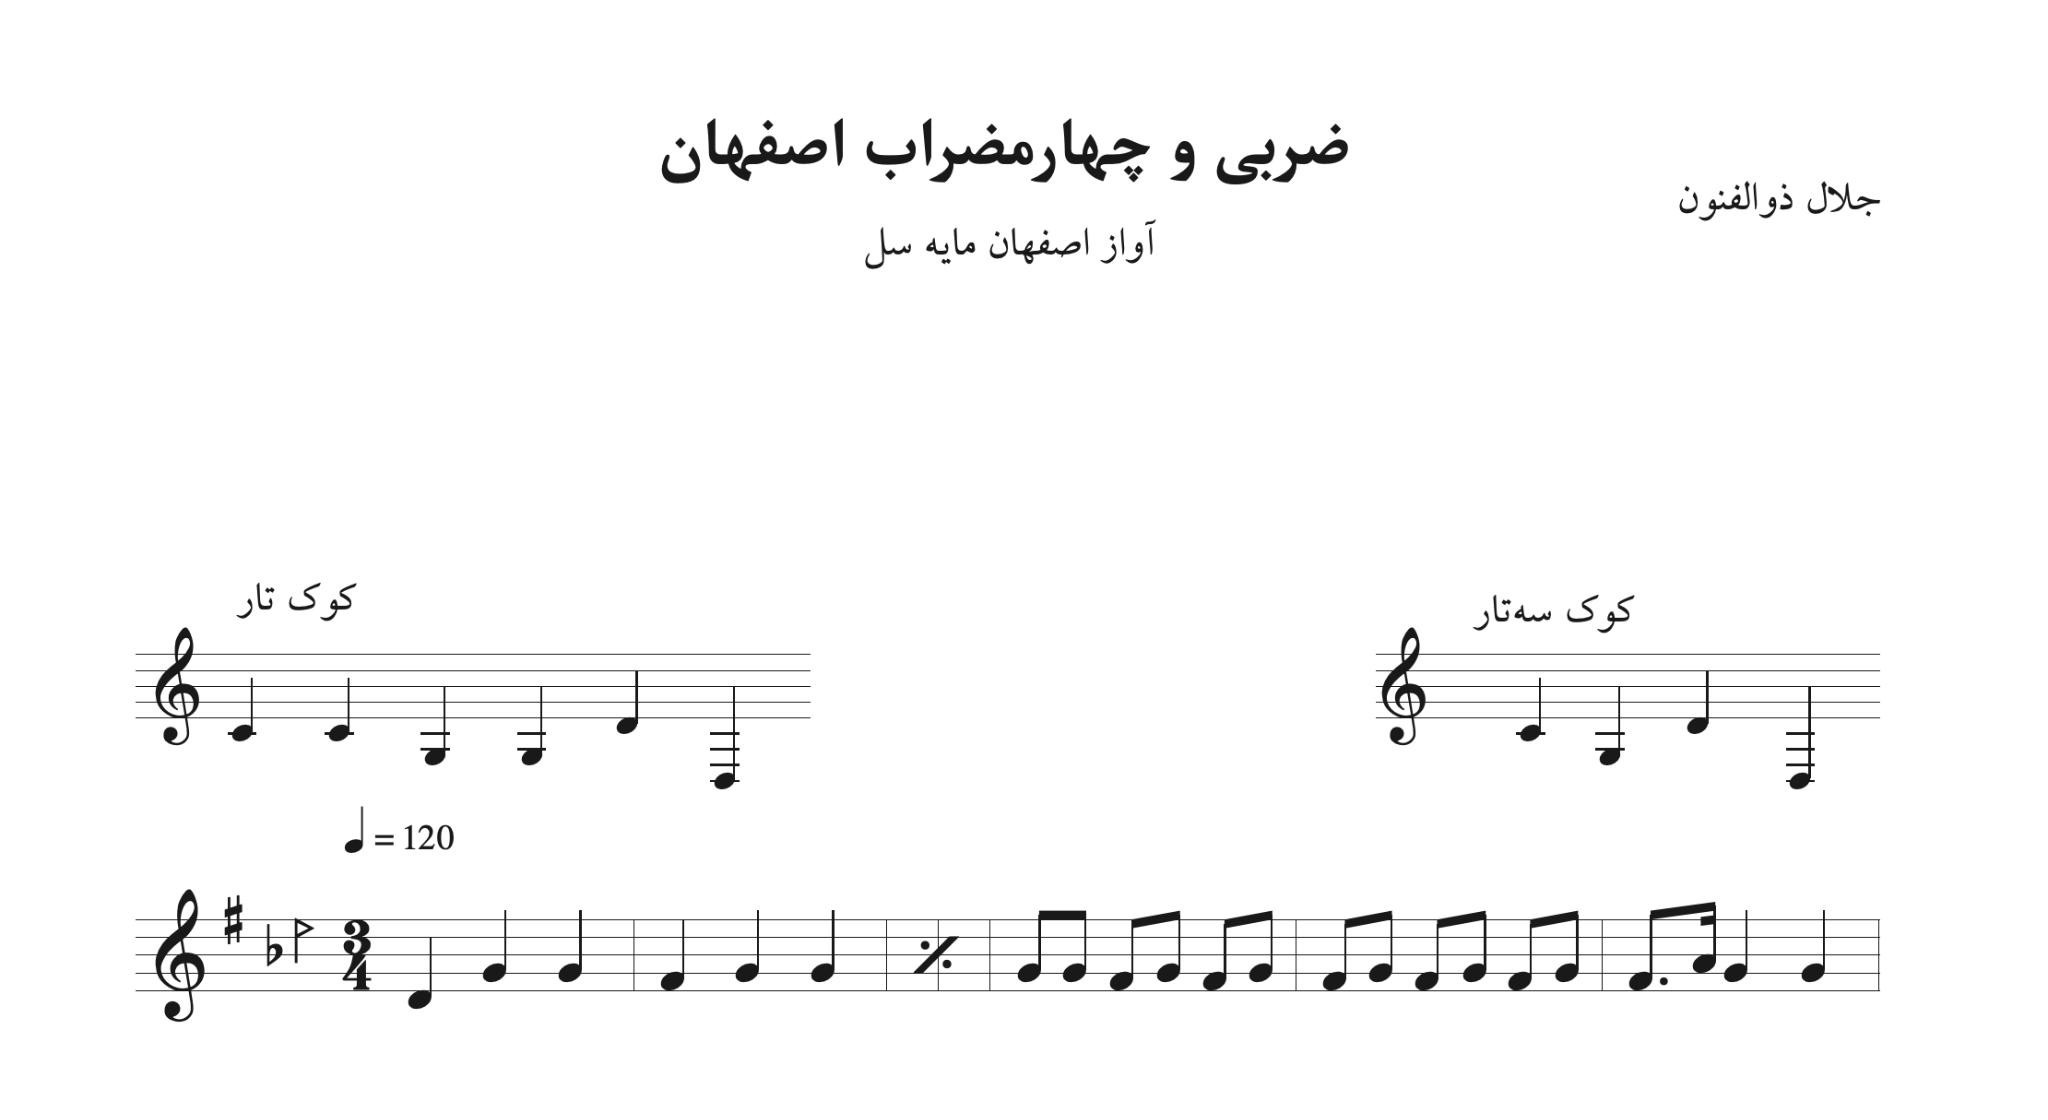 نت ضربی و چهارمضراب اصفهان جلال ذوالفنون